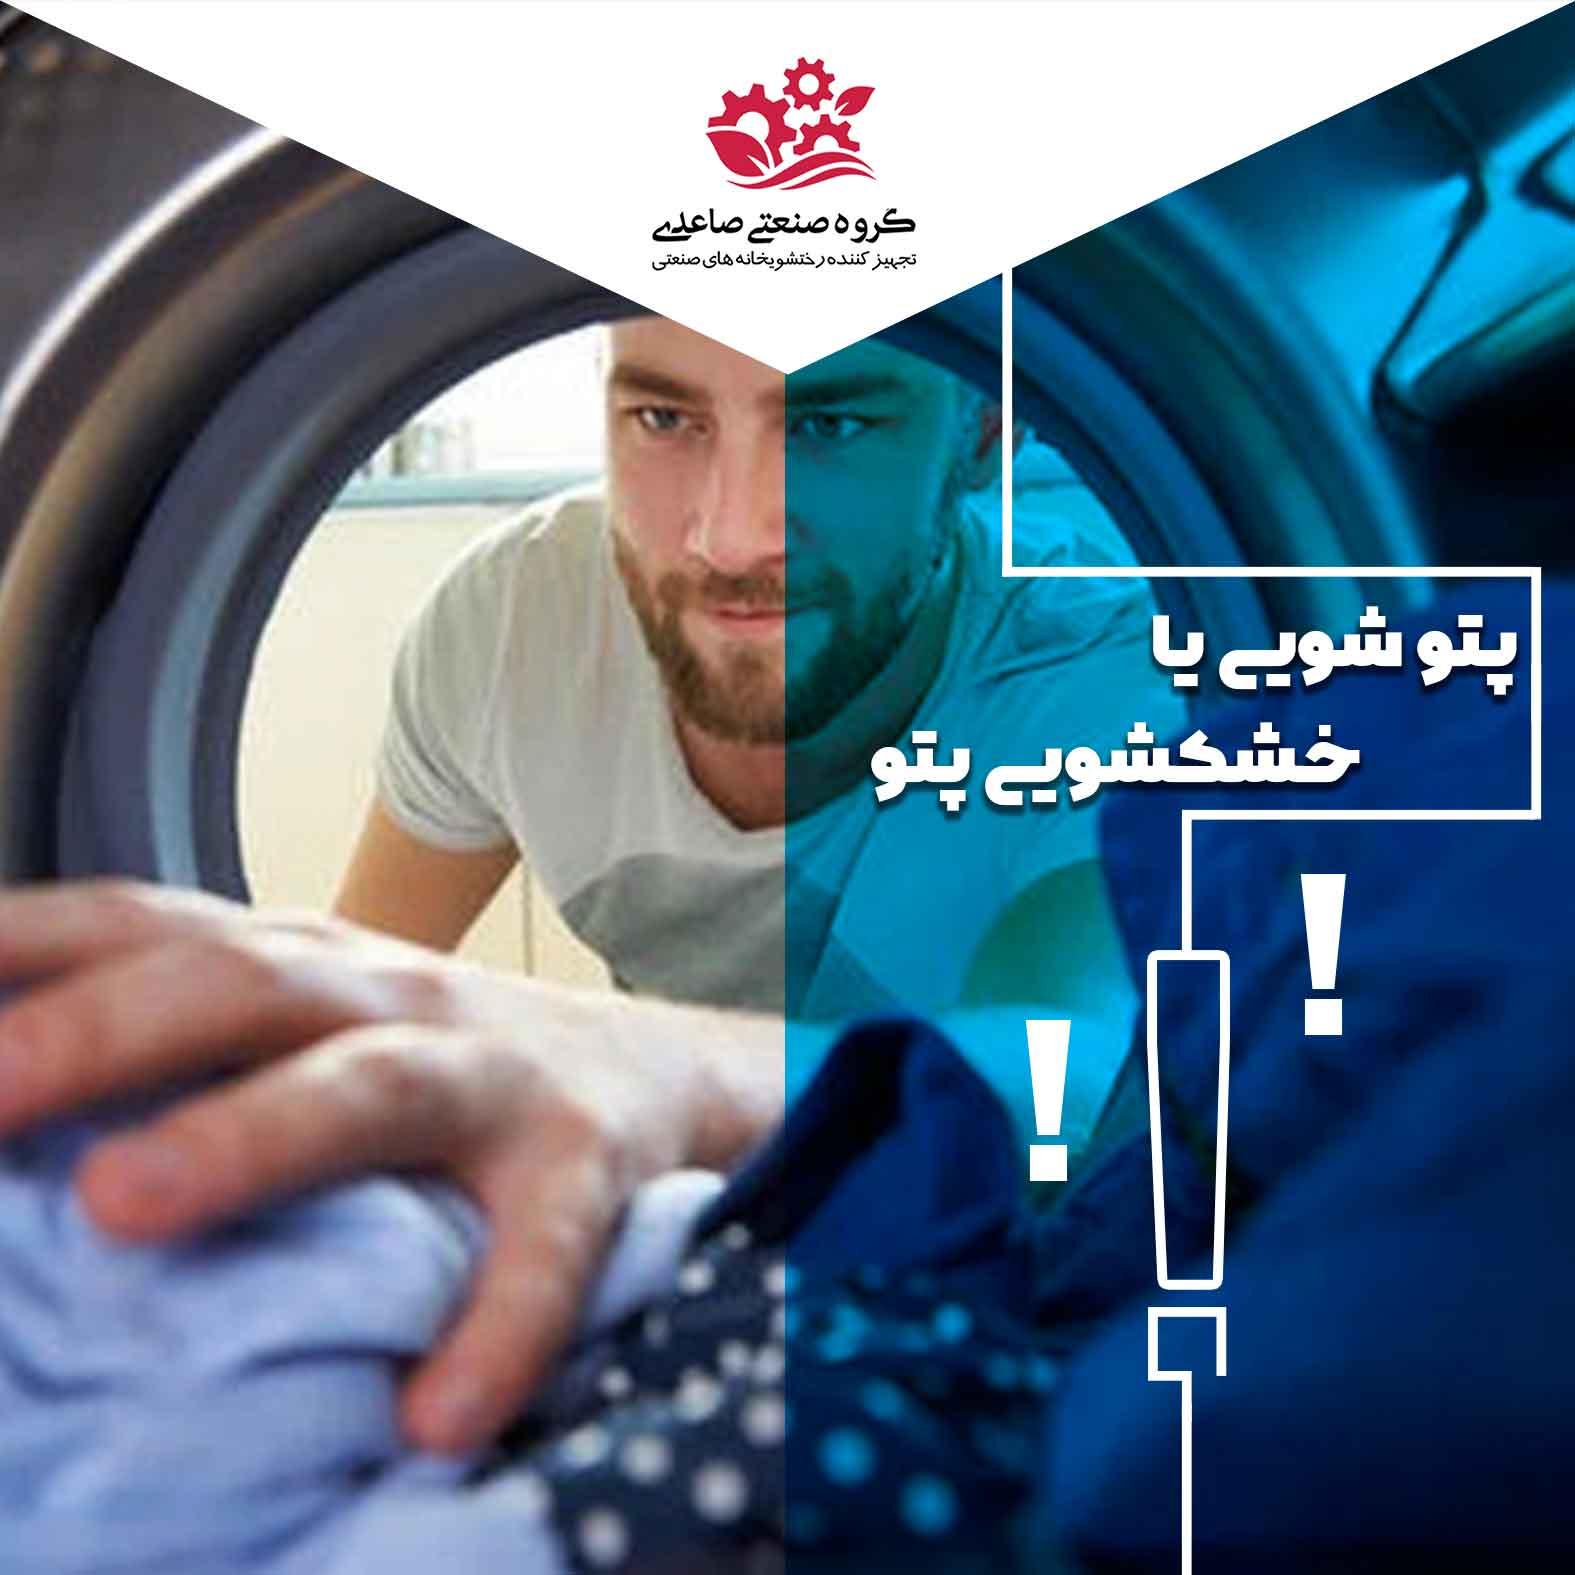 پتو شویی یا خشکشویی پتو